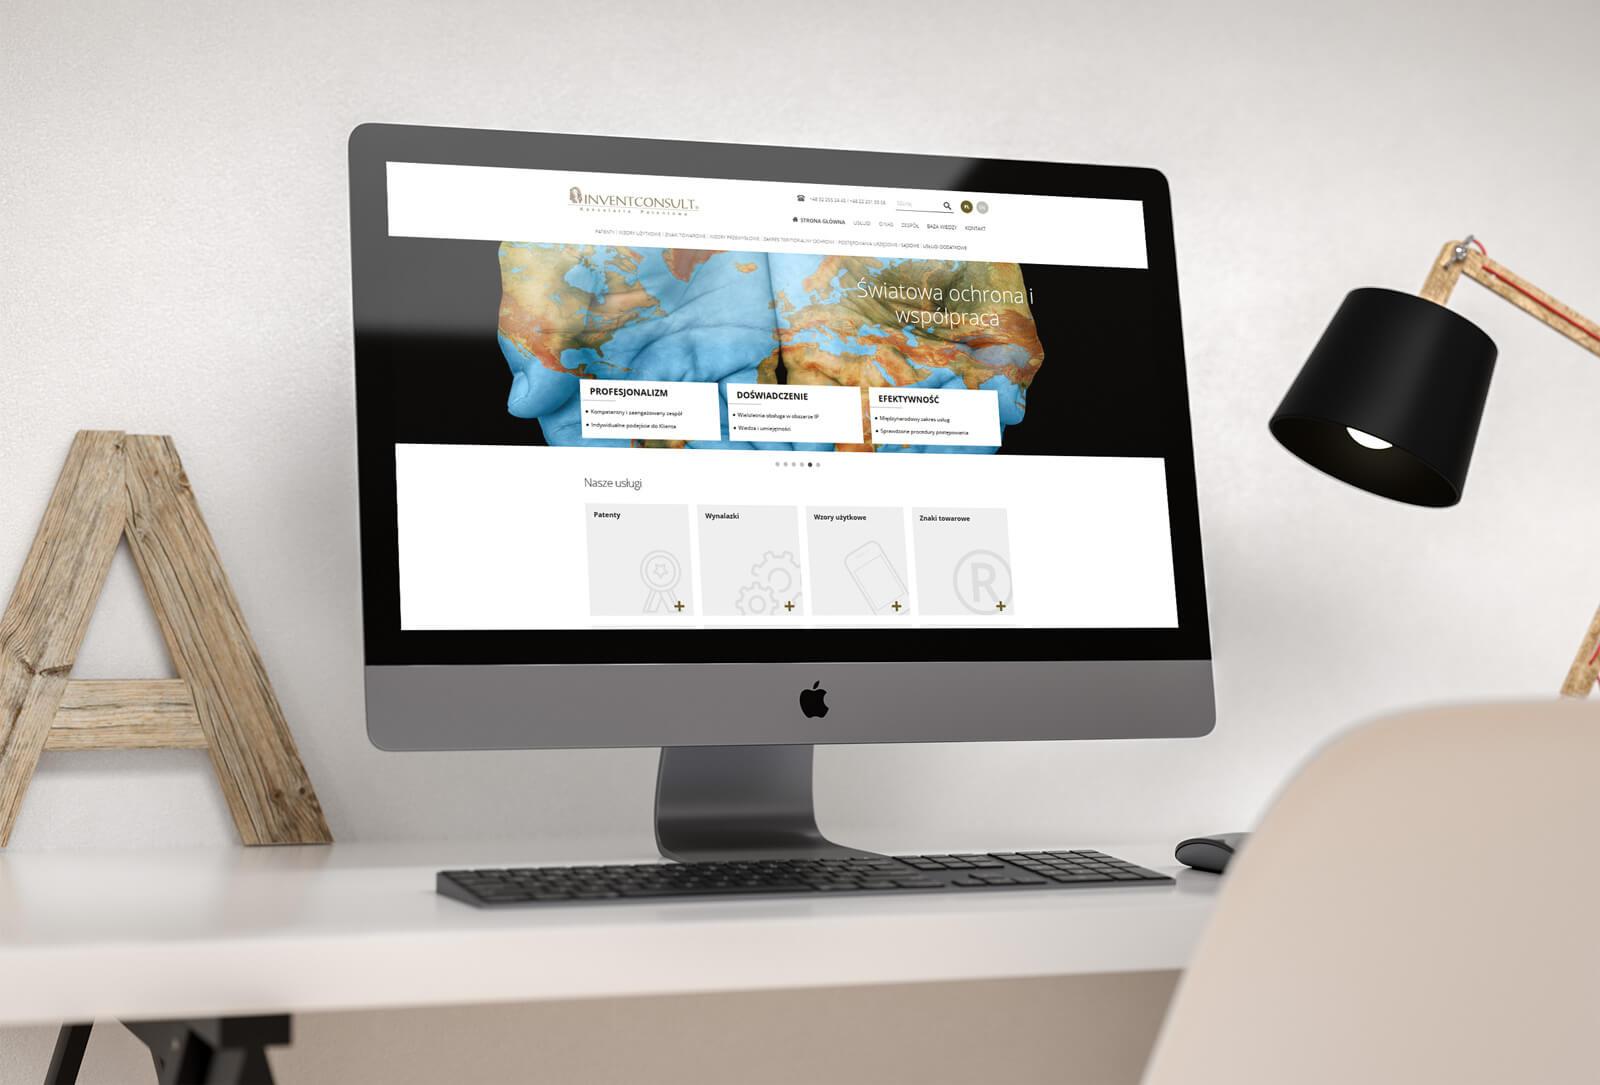 Invent Consult - projekt i realizacja nowej strony internetowej w technologii RWD, WordPress, HTML 5, CSS 3 dla kancelarii patentowej